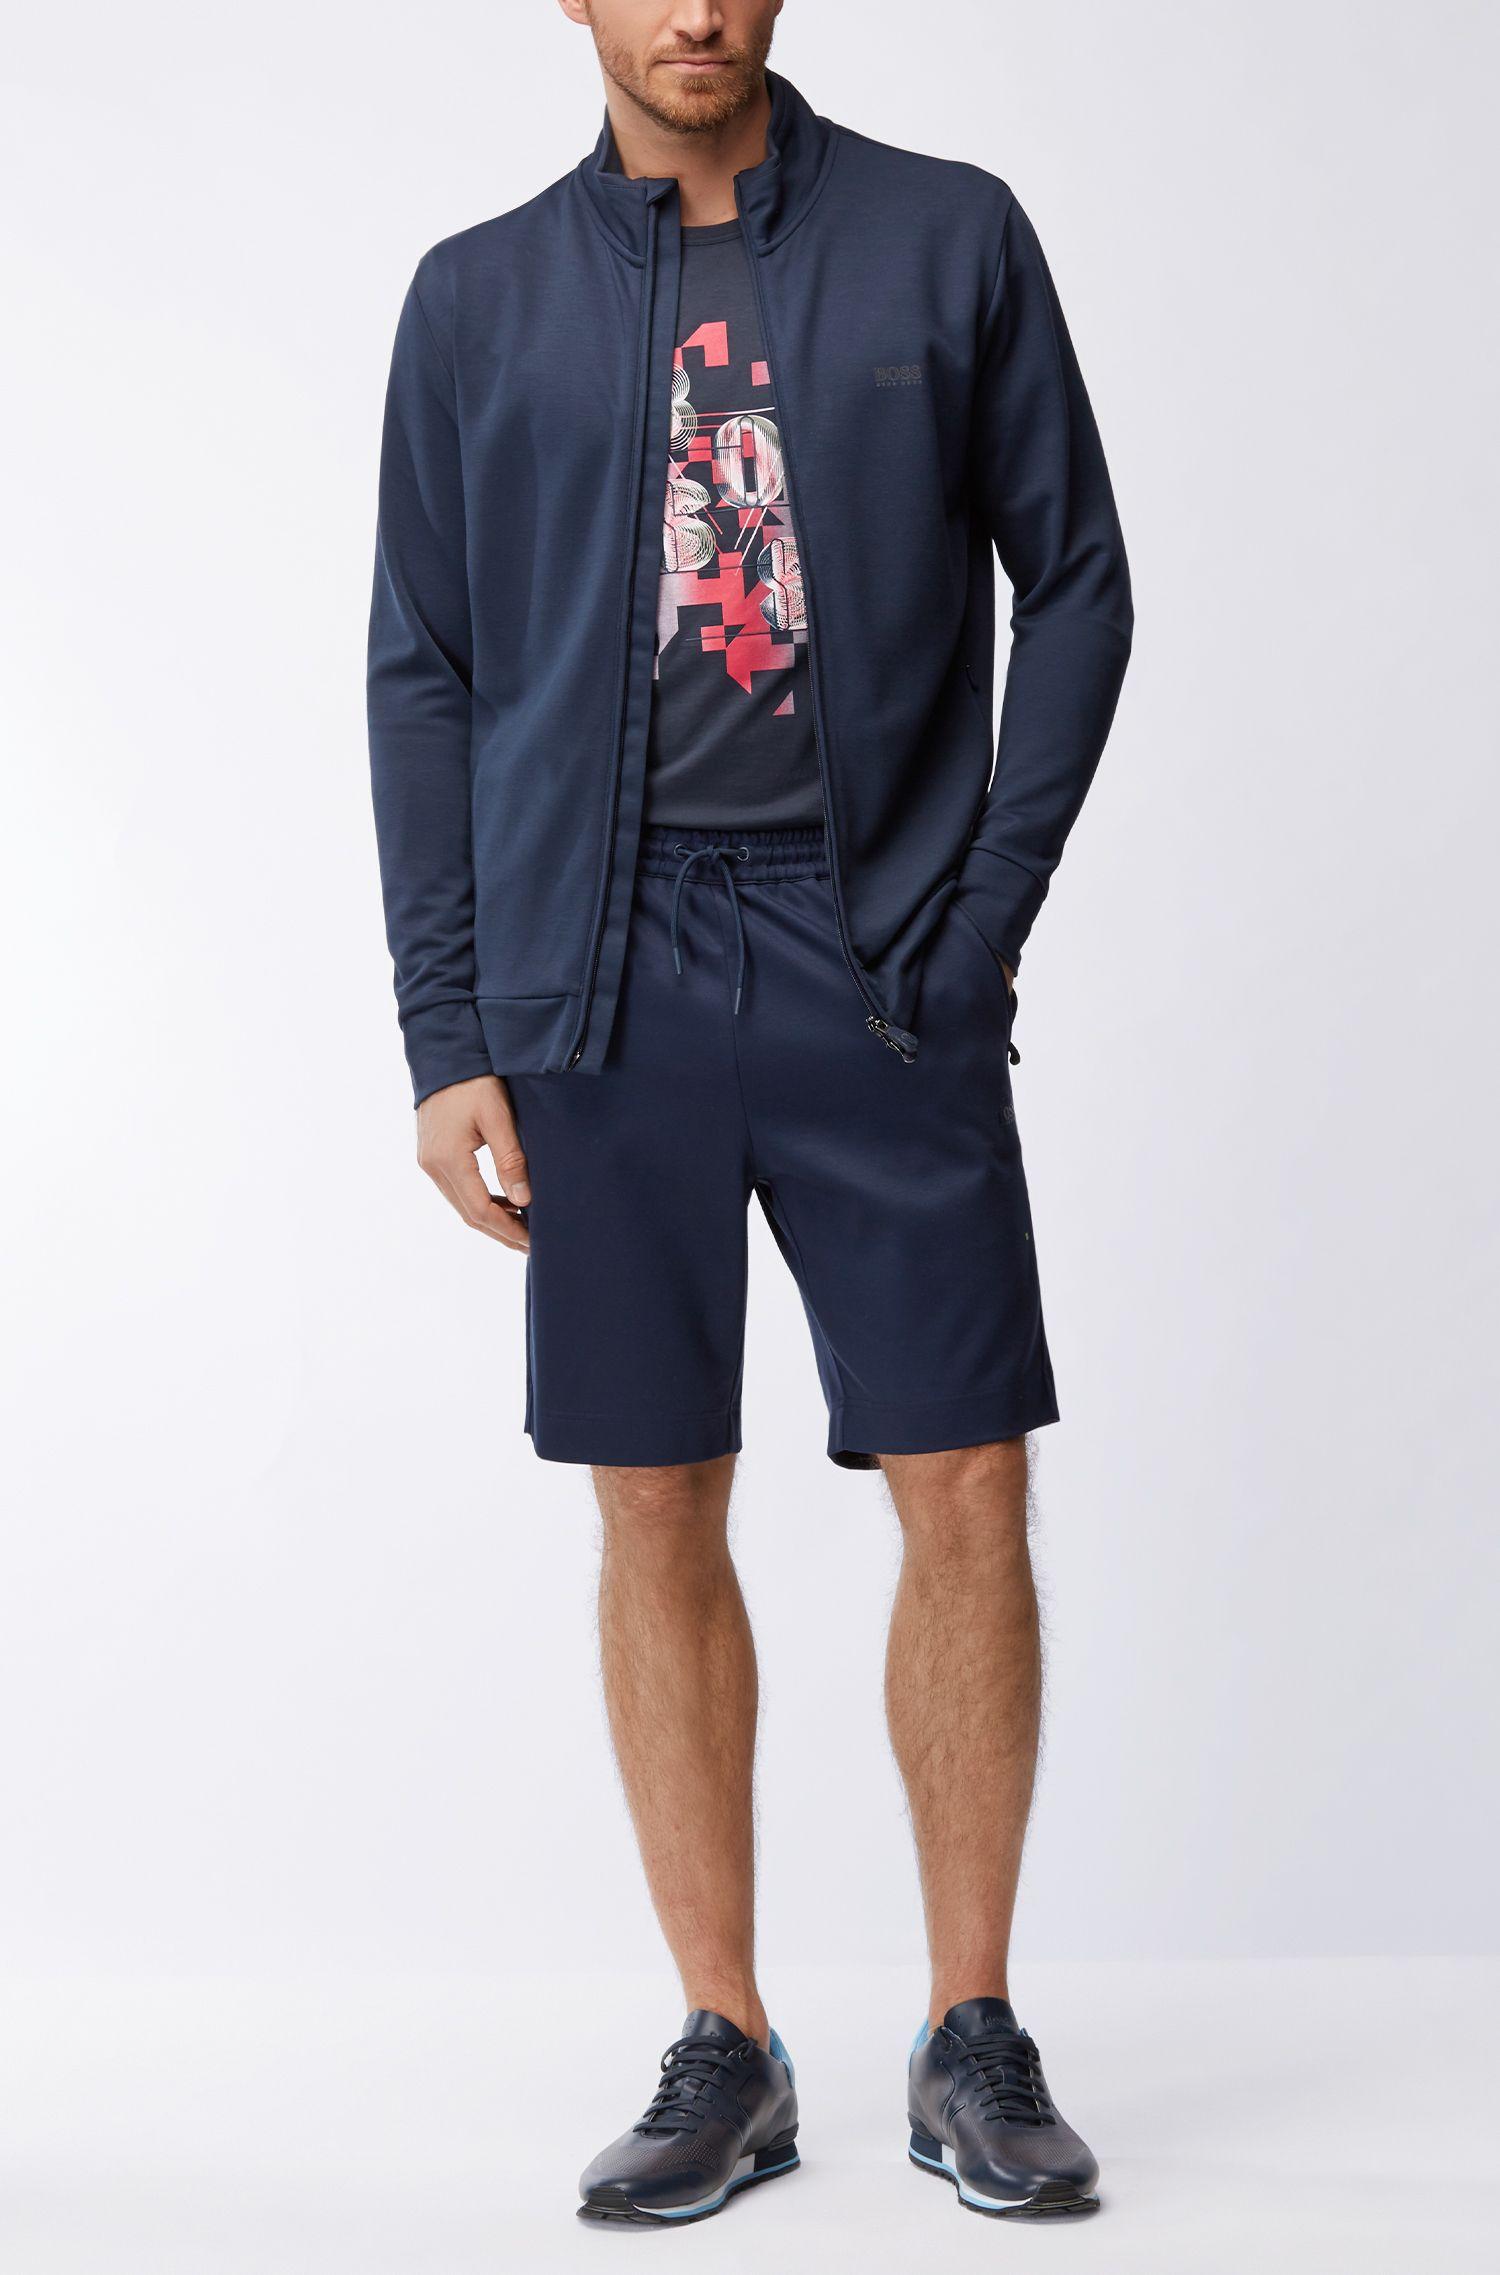 Jersey Blend Sweatshort, Slim Fit | HSL Tech